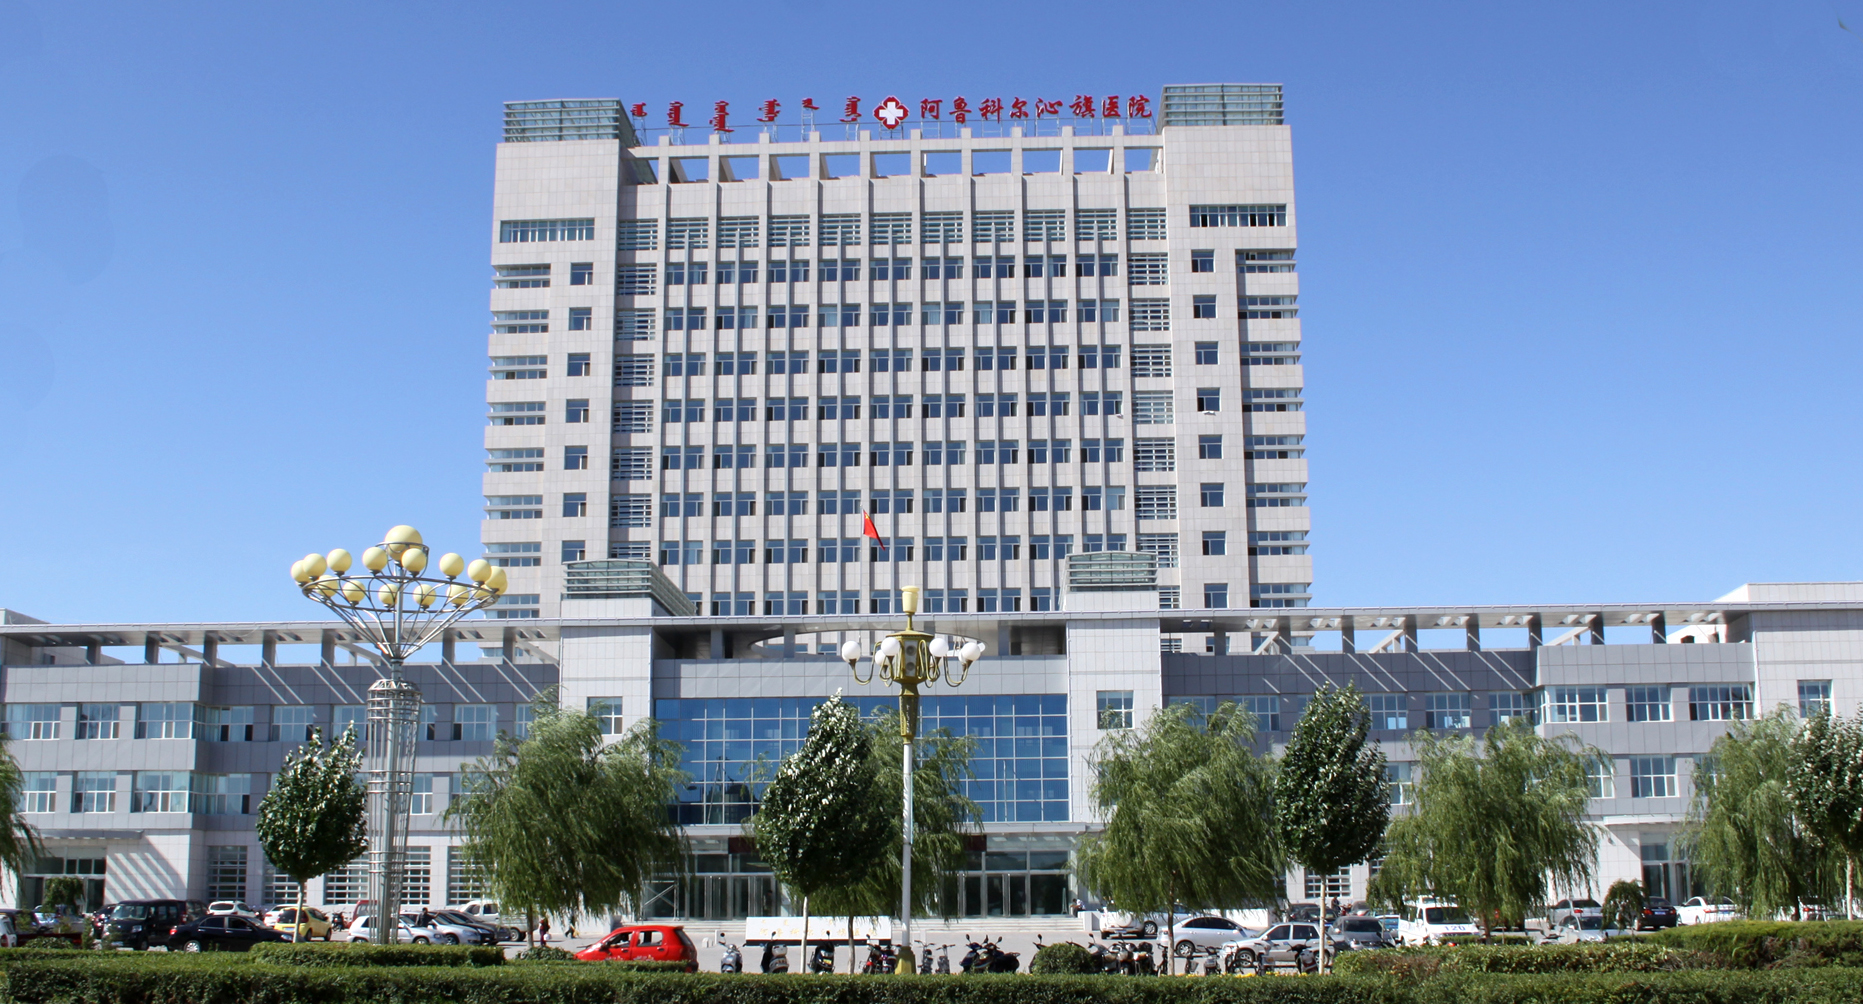 赤峰阿鲁科尔沁旗网_2013年11月7日下午在内蒙古赤峰市阿鲁科尔沁